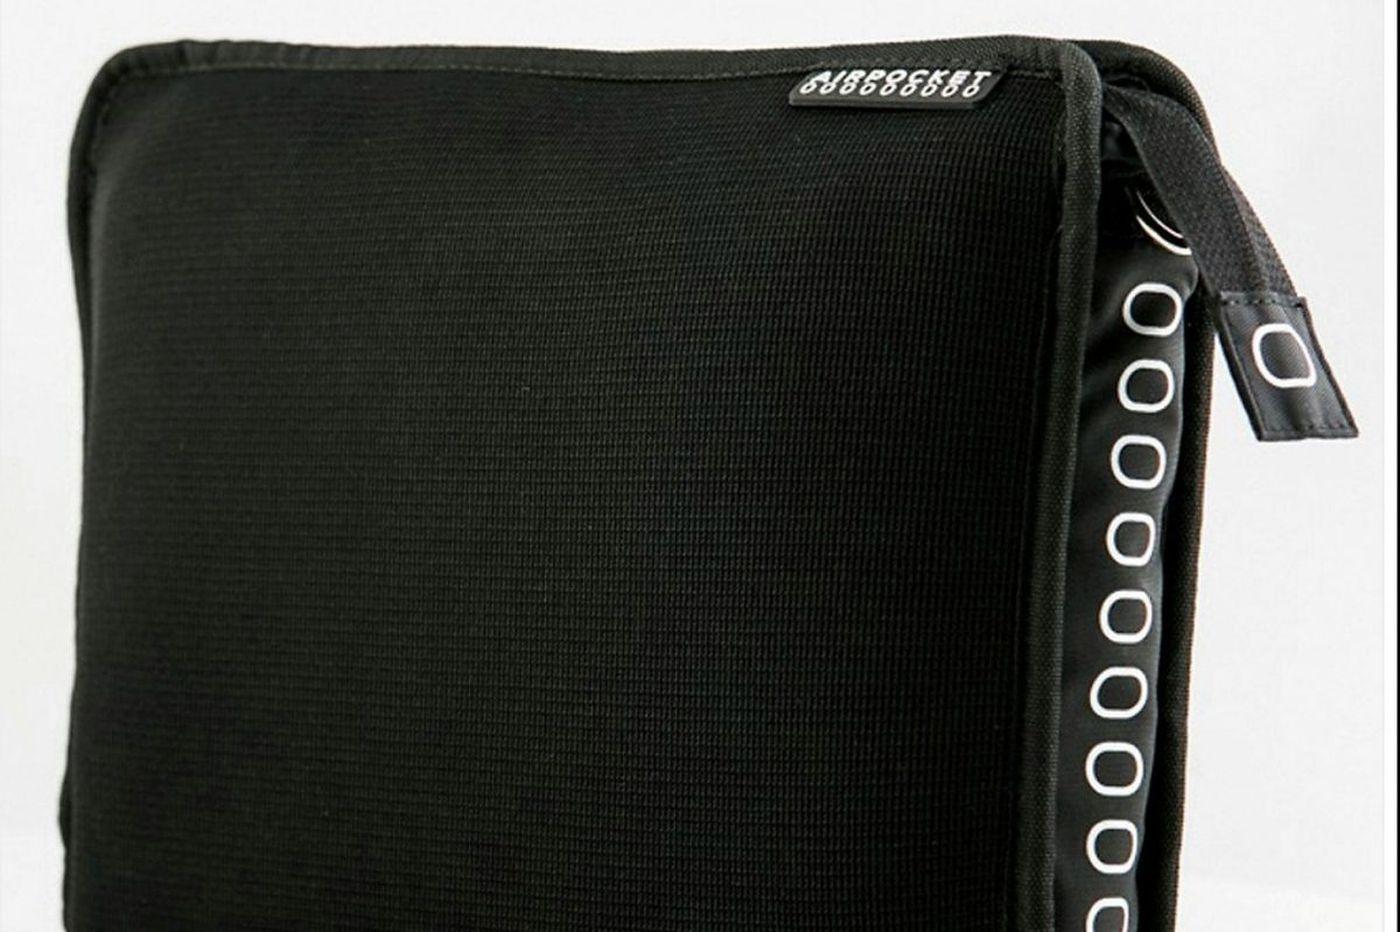 AirPocket Backseat Airplane Pocket Organizer